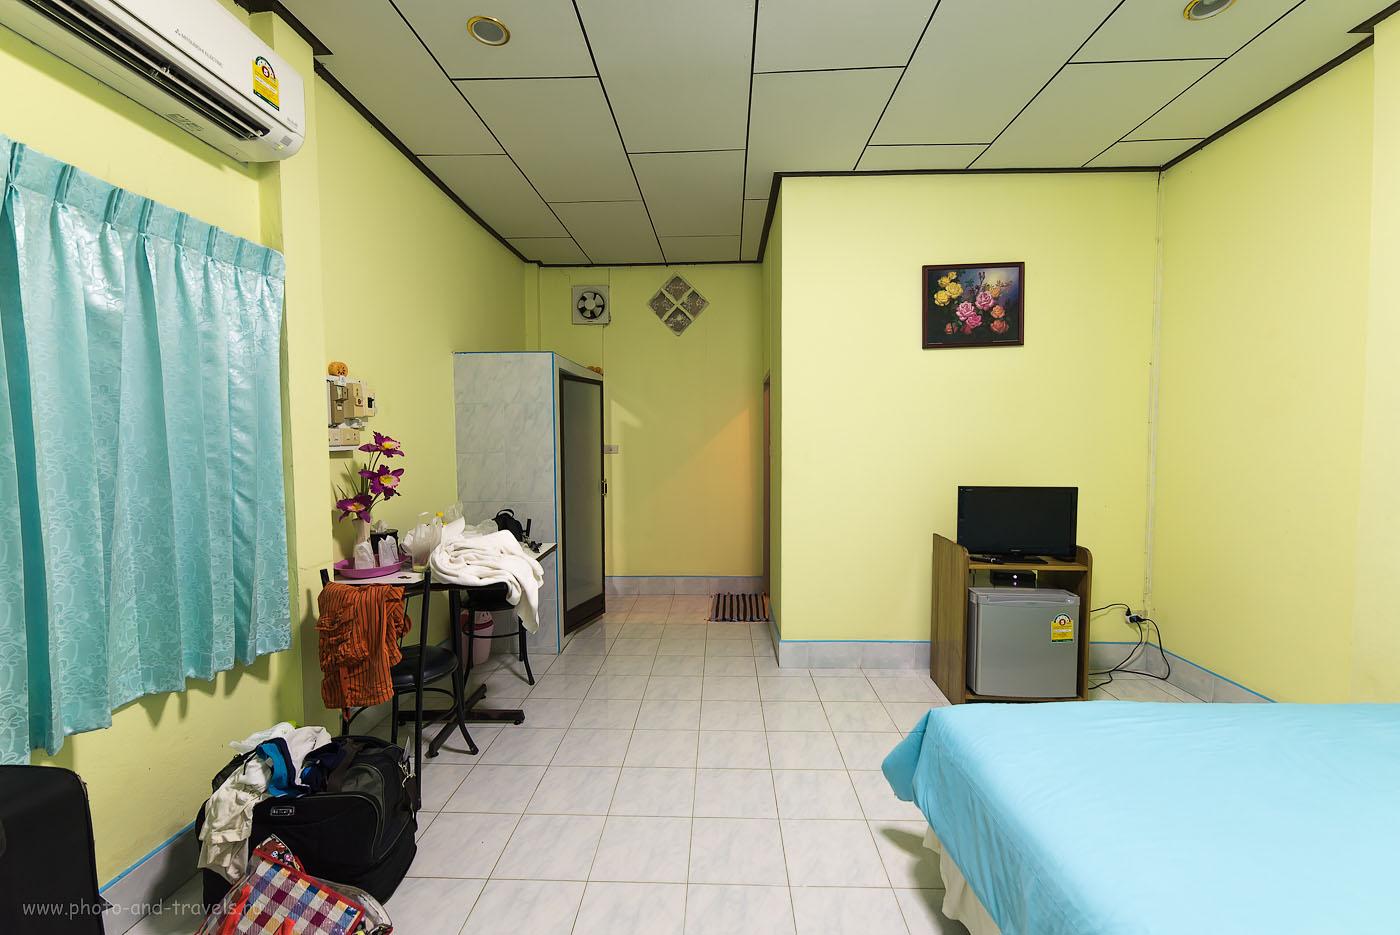 Фото 22. Бюджетный отель в Таиланде. В течение всего путешествия мы жили в таких номерах. Цена 600-800 бат (100, 14, 8.0, 1.0 секунда, объектив Самъянг 14/2.8, зеркалка Никон Д610, штатив Sirui T-2204X)